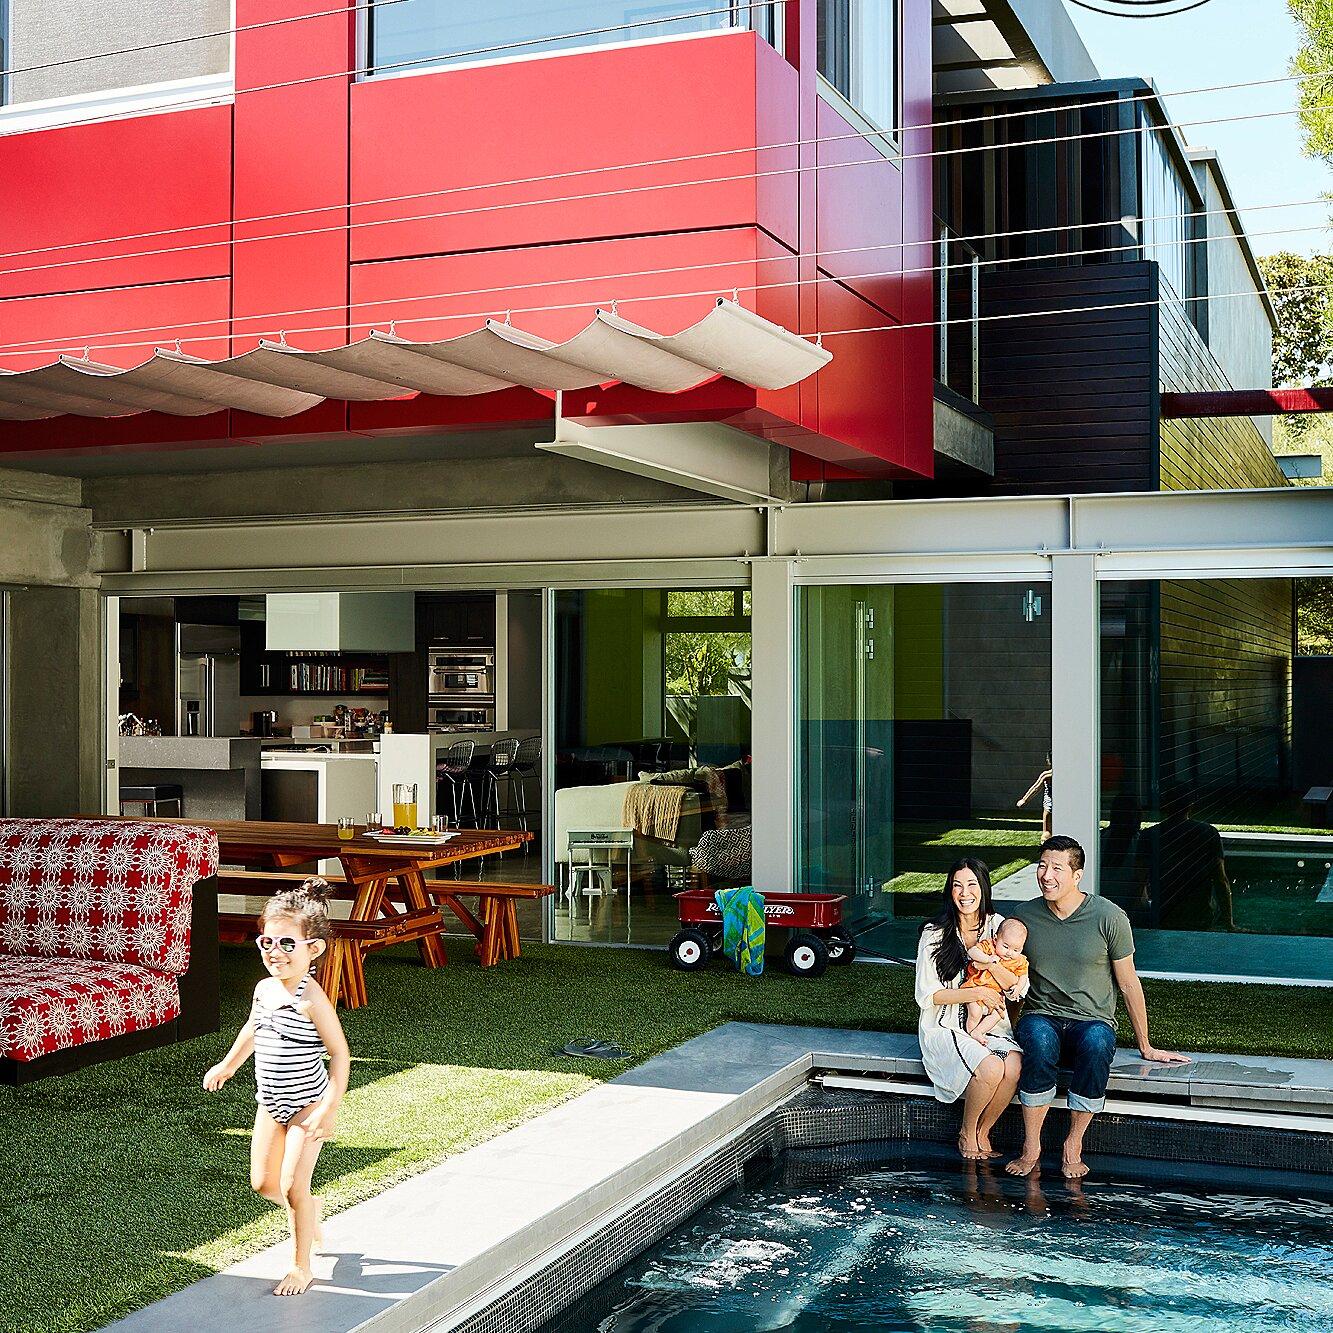 Lisa Ling dan keluarga - source: inhabitat.com